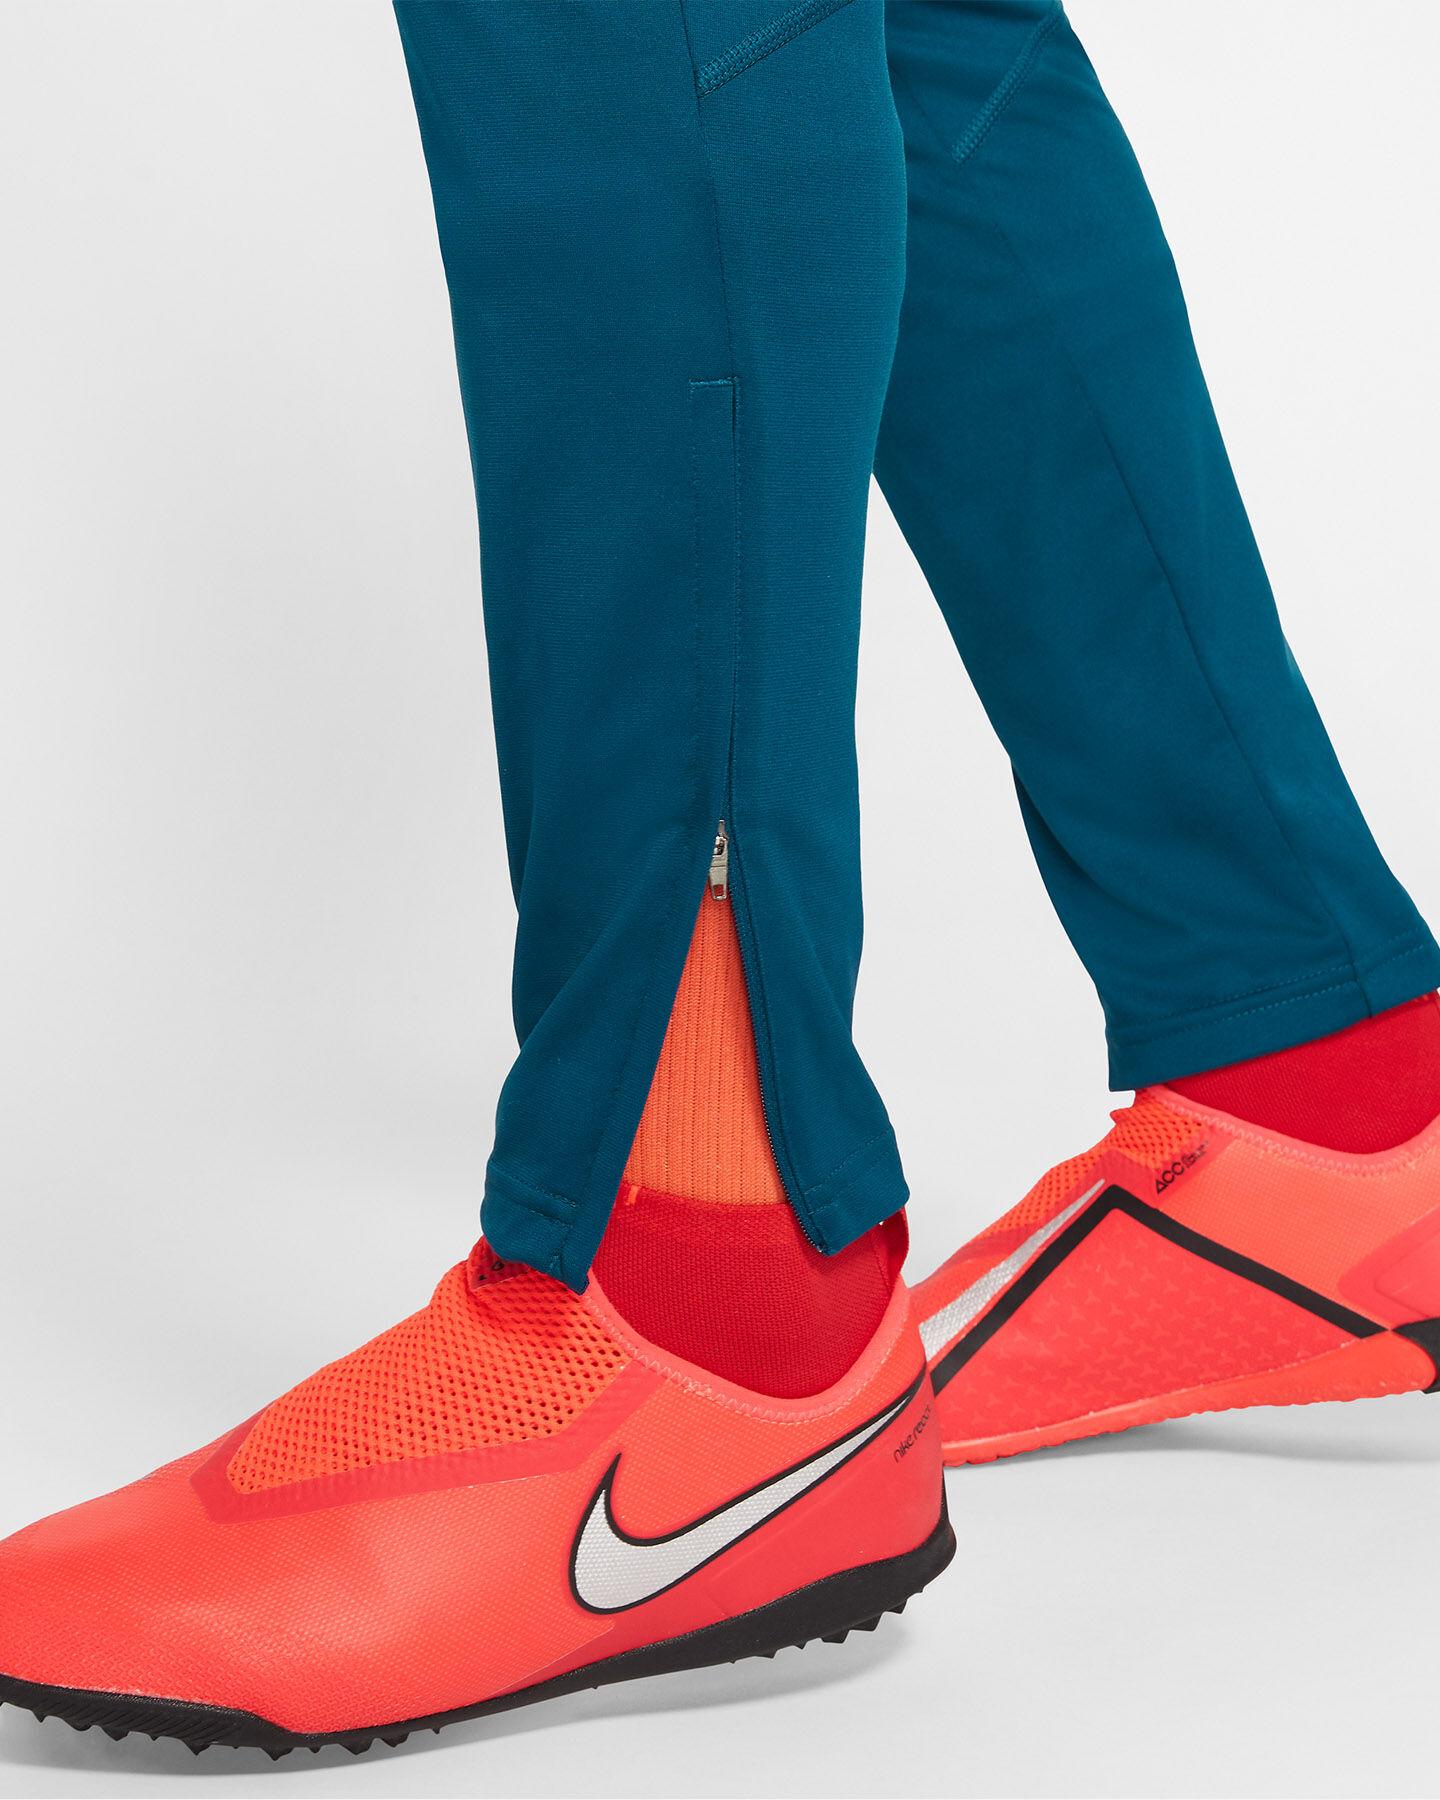 Pantaloncini calcio NIKE DRI-FIT ACADEMY M S5162557 scatto 5